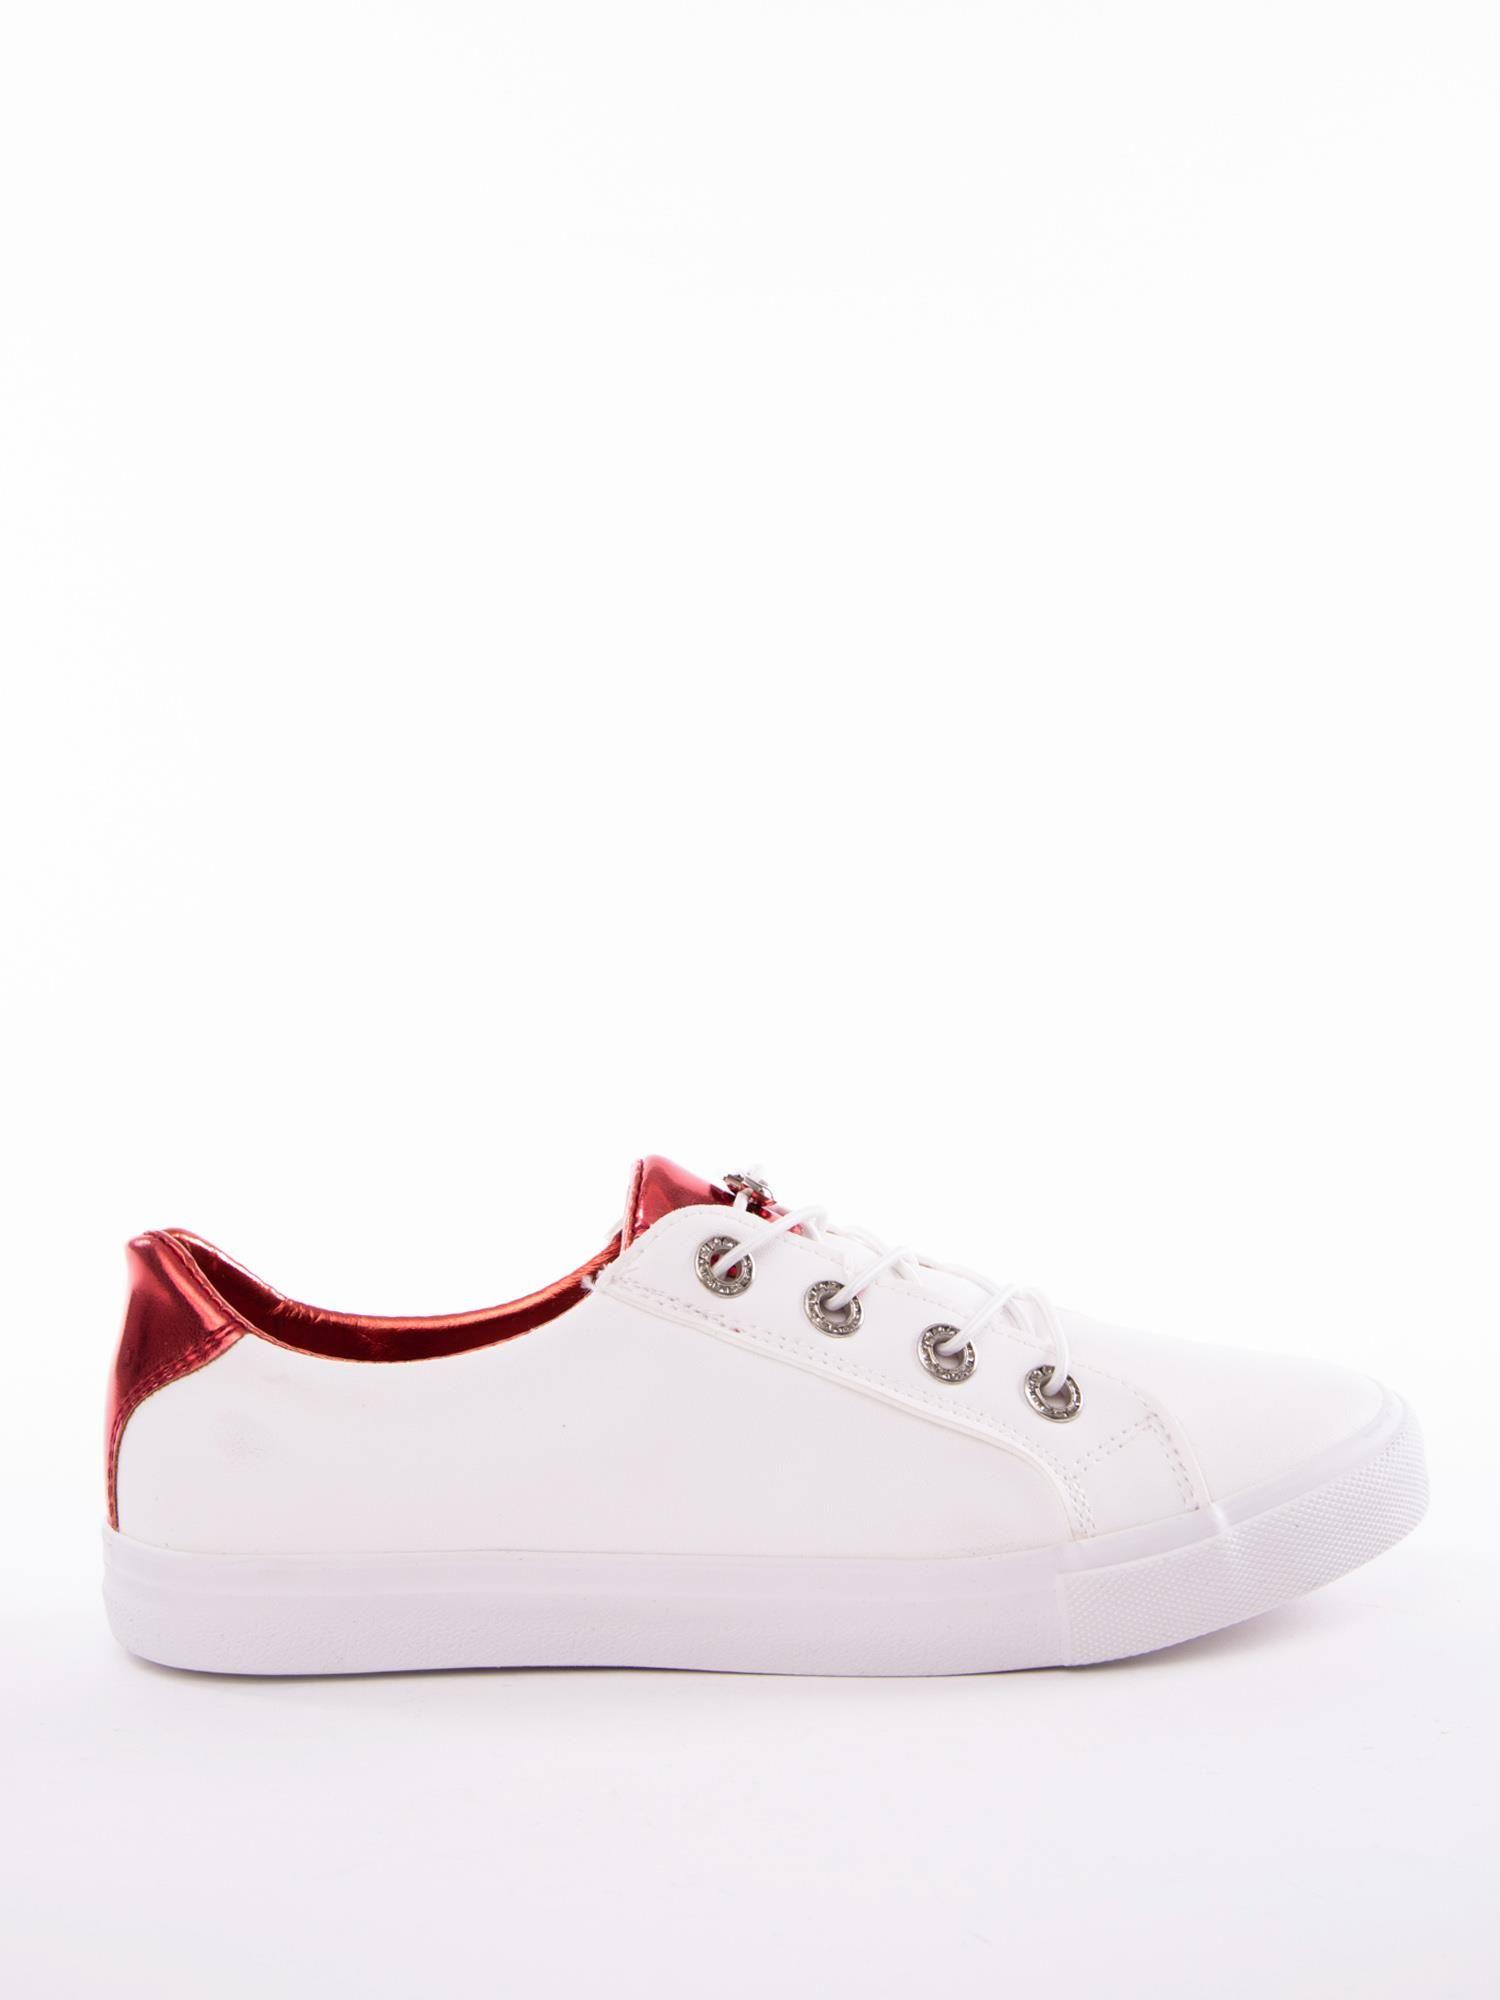 18379fc5ad5d Białe trampki z lustrzaną czerwoną wstawką na pięcie - Buty Trampki ...